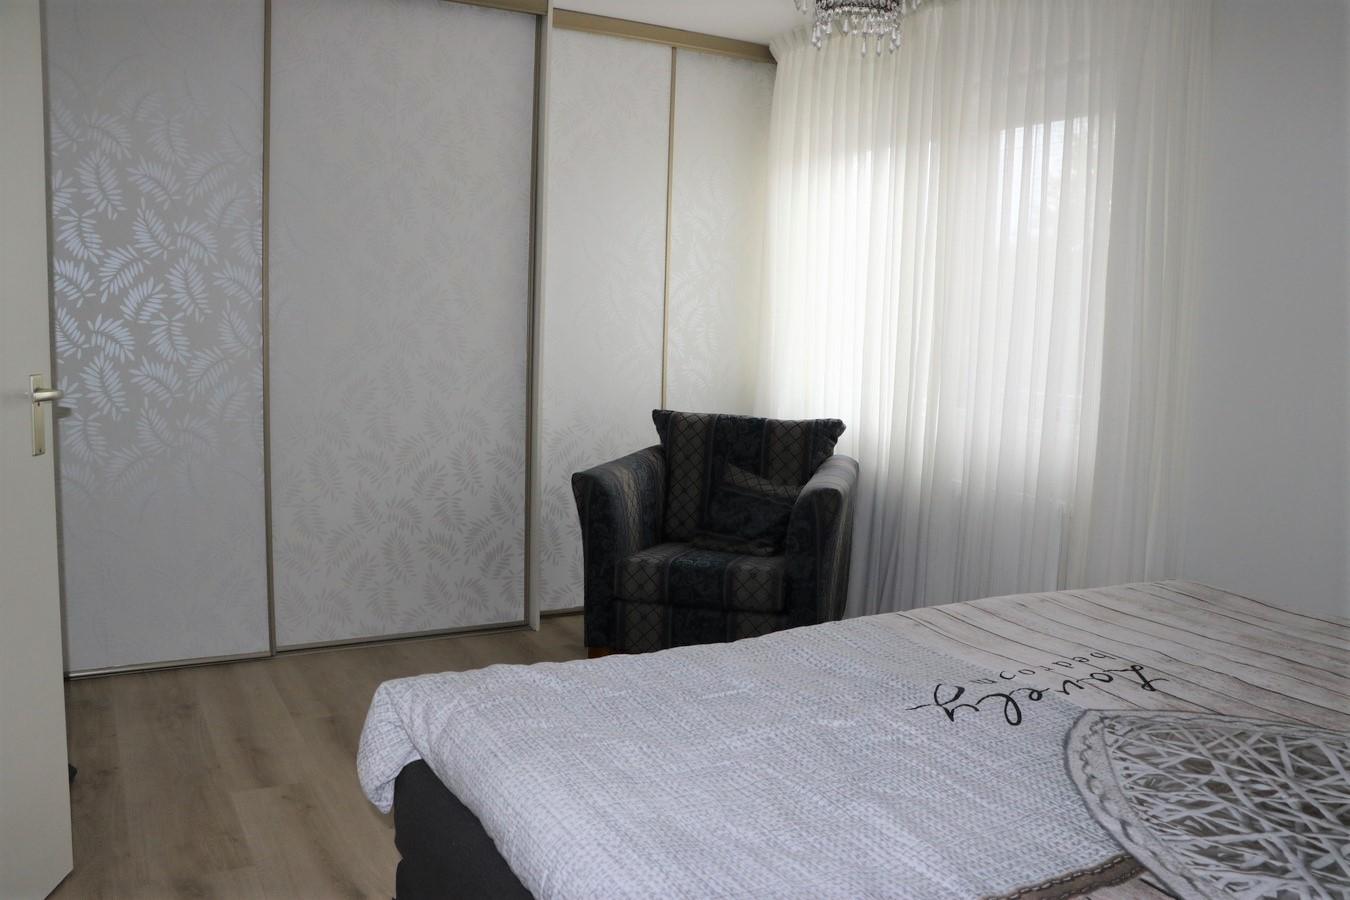 16 Slaapkamer voor 2.JPG